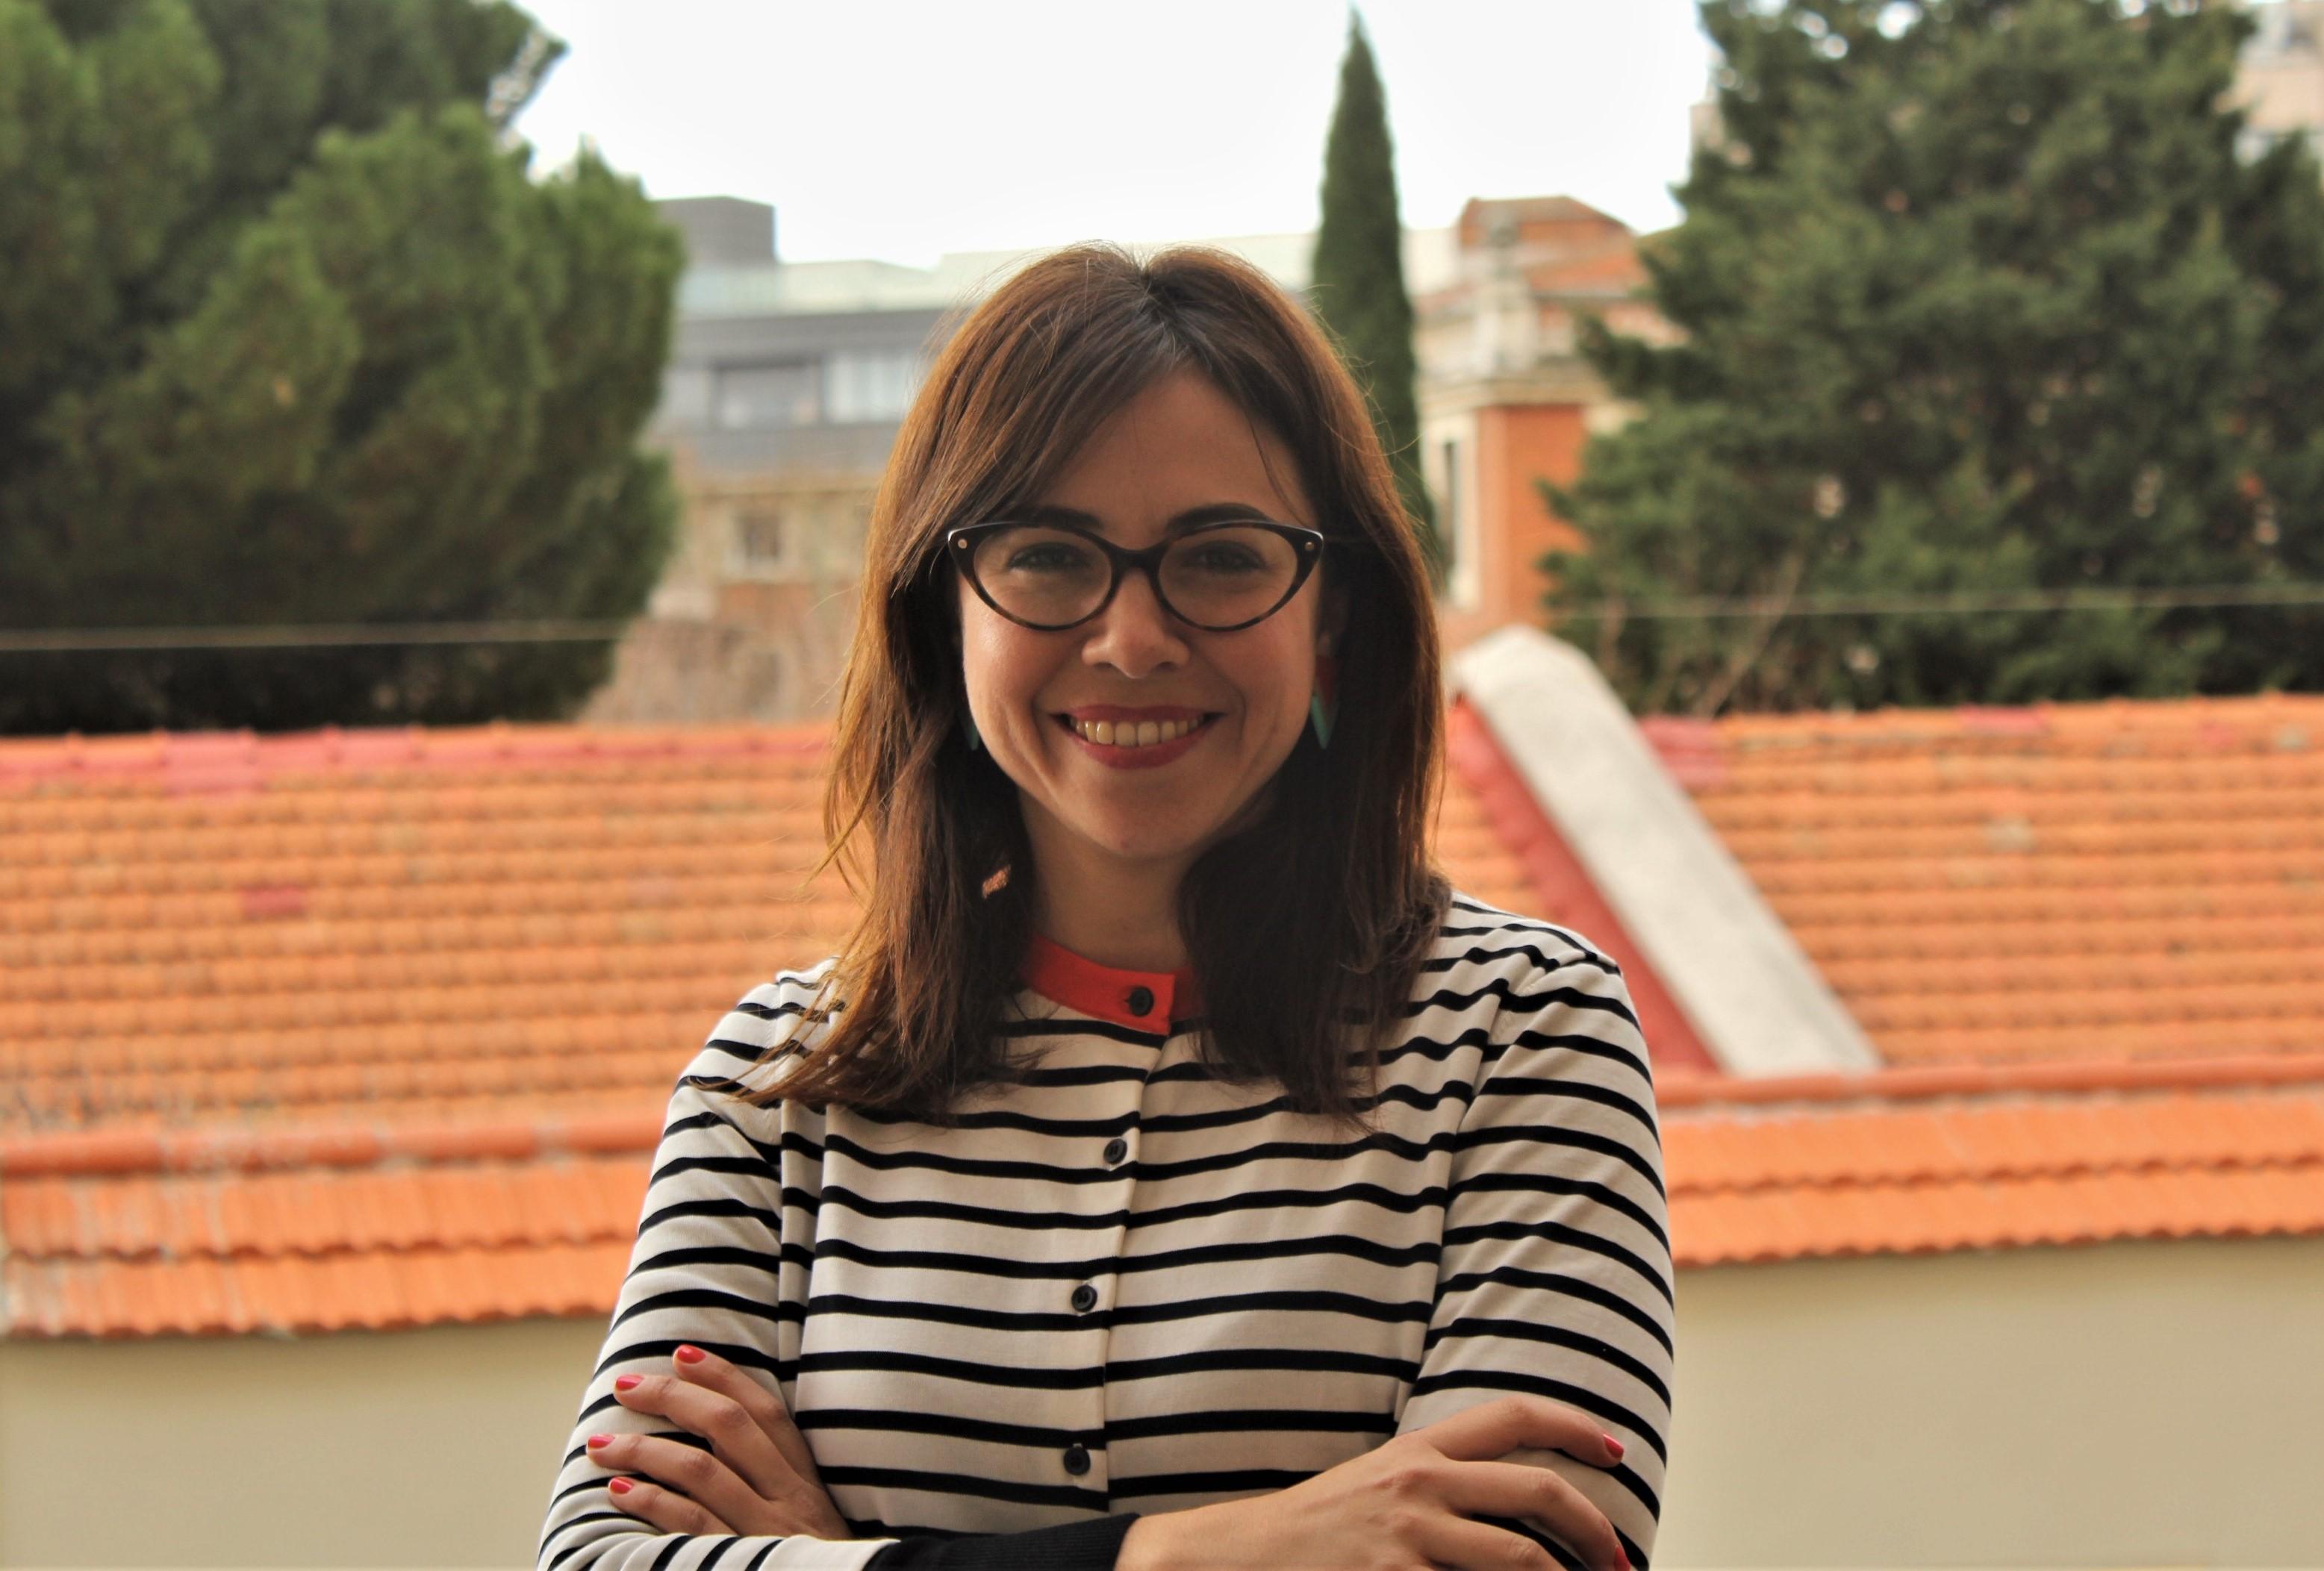 Paula Nevado, Secretaria General de Marcas de Restauración